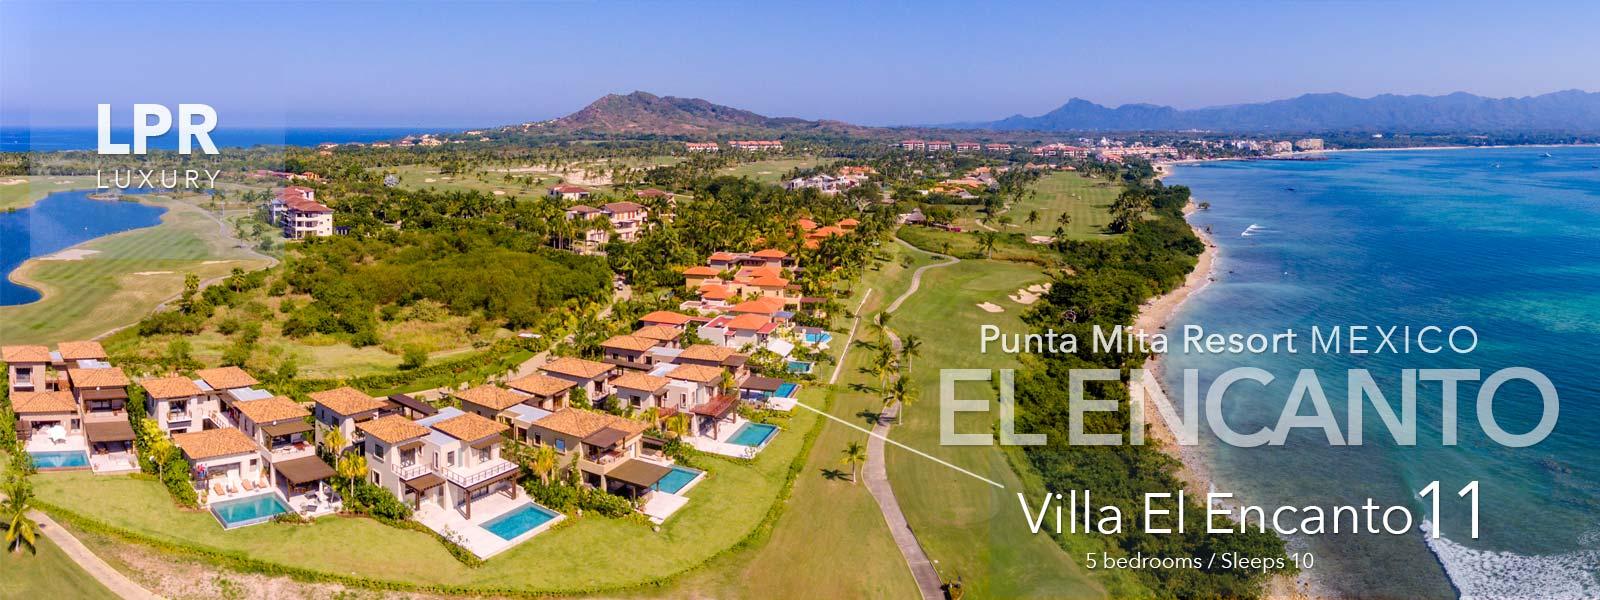 Villa El Encanto 11 Luxury Real Estate For At The Punta Mita Resort